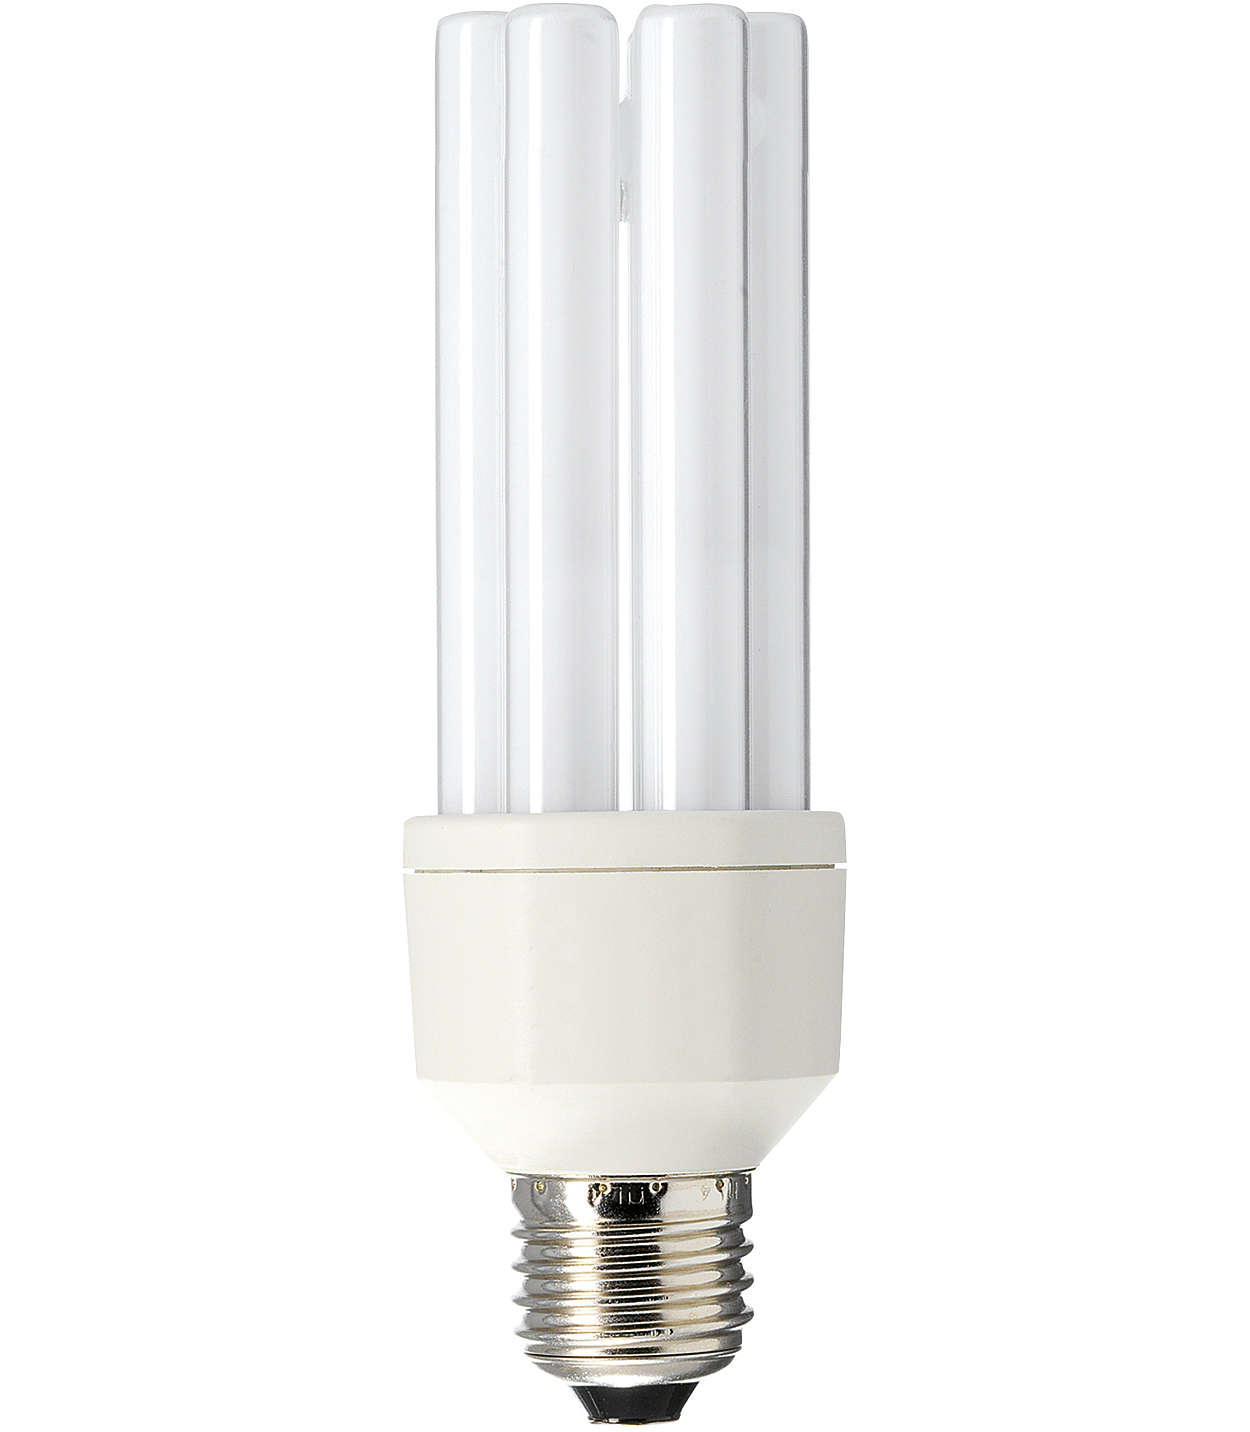 Η επαγγελματική απάντηση εξοικονόμησης ενέργειας στο φωτισμό